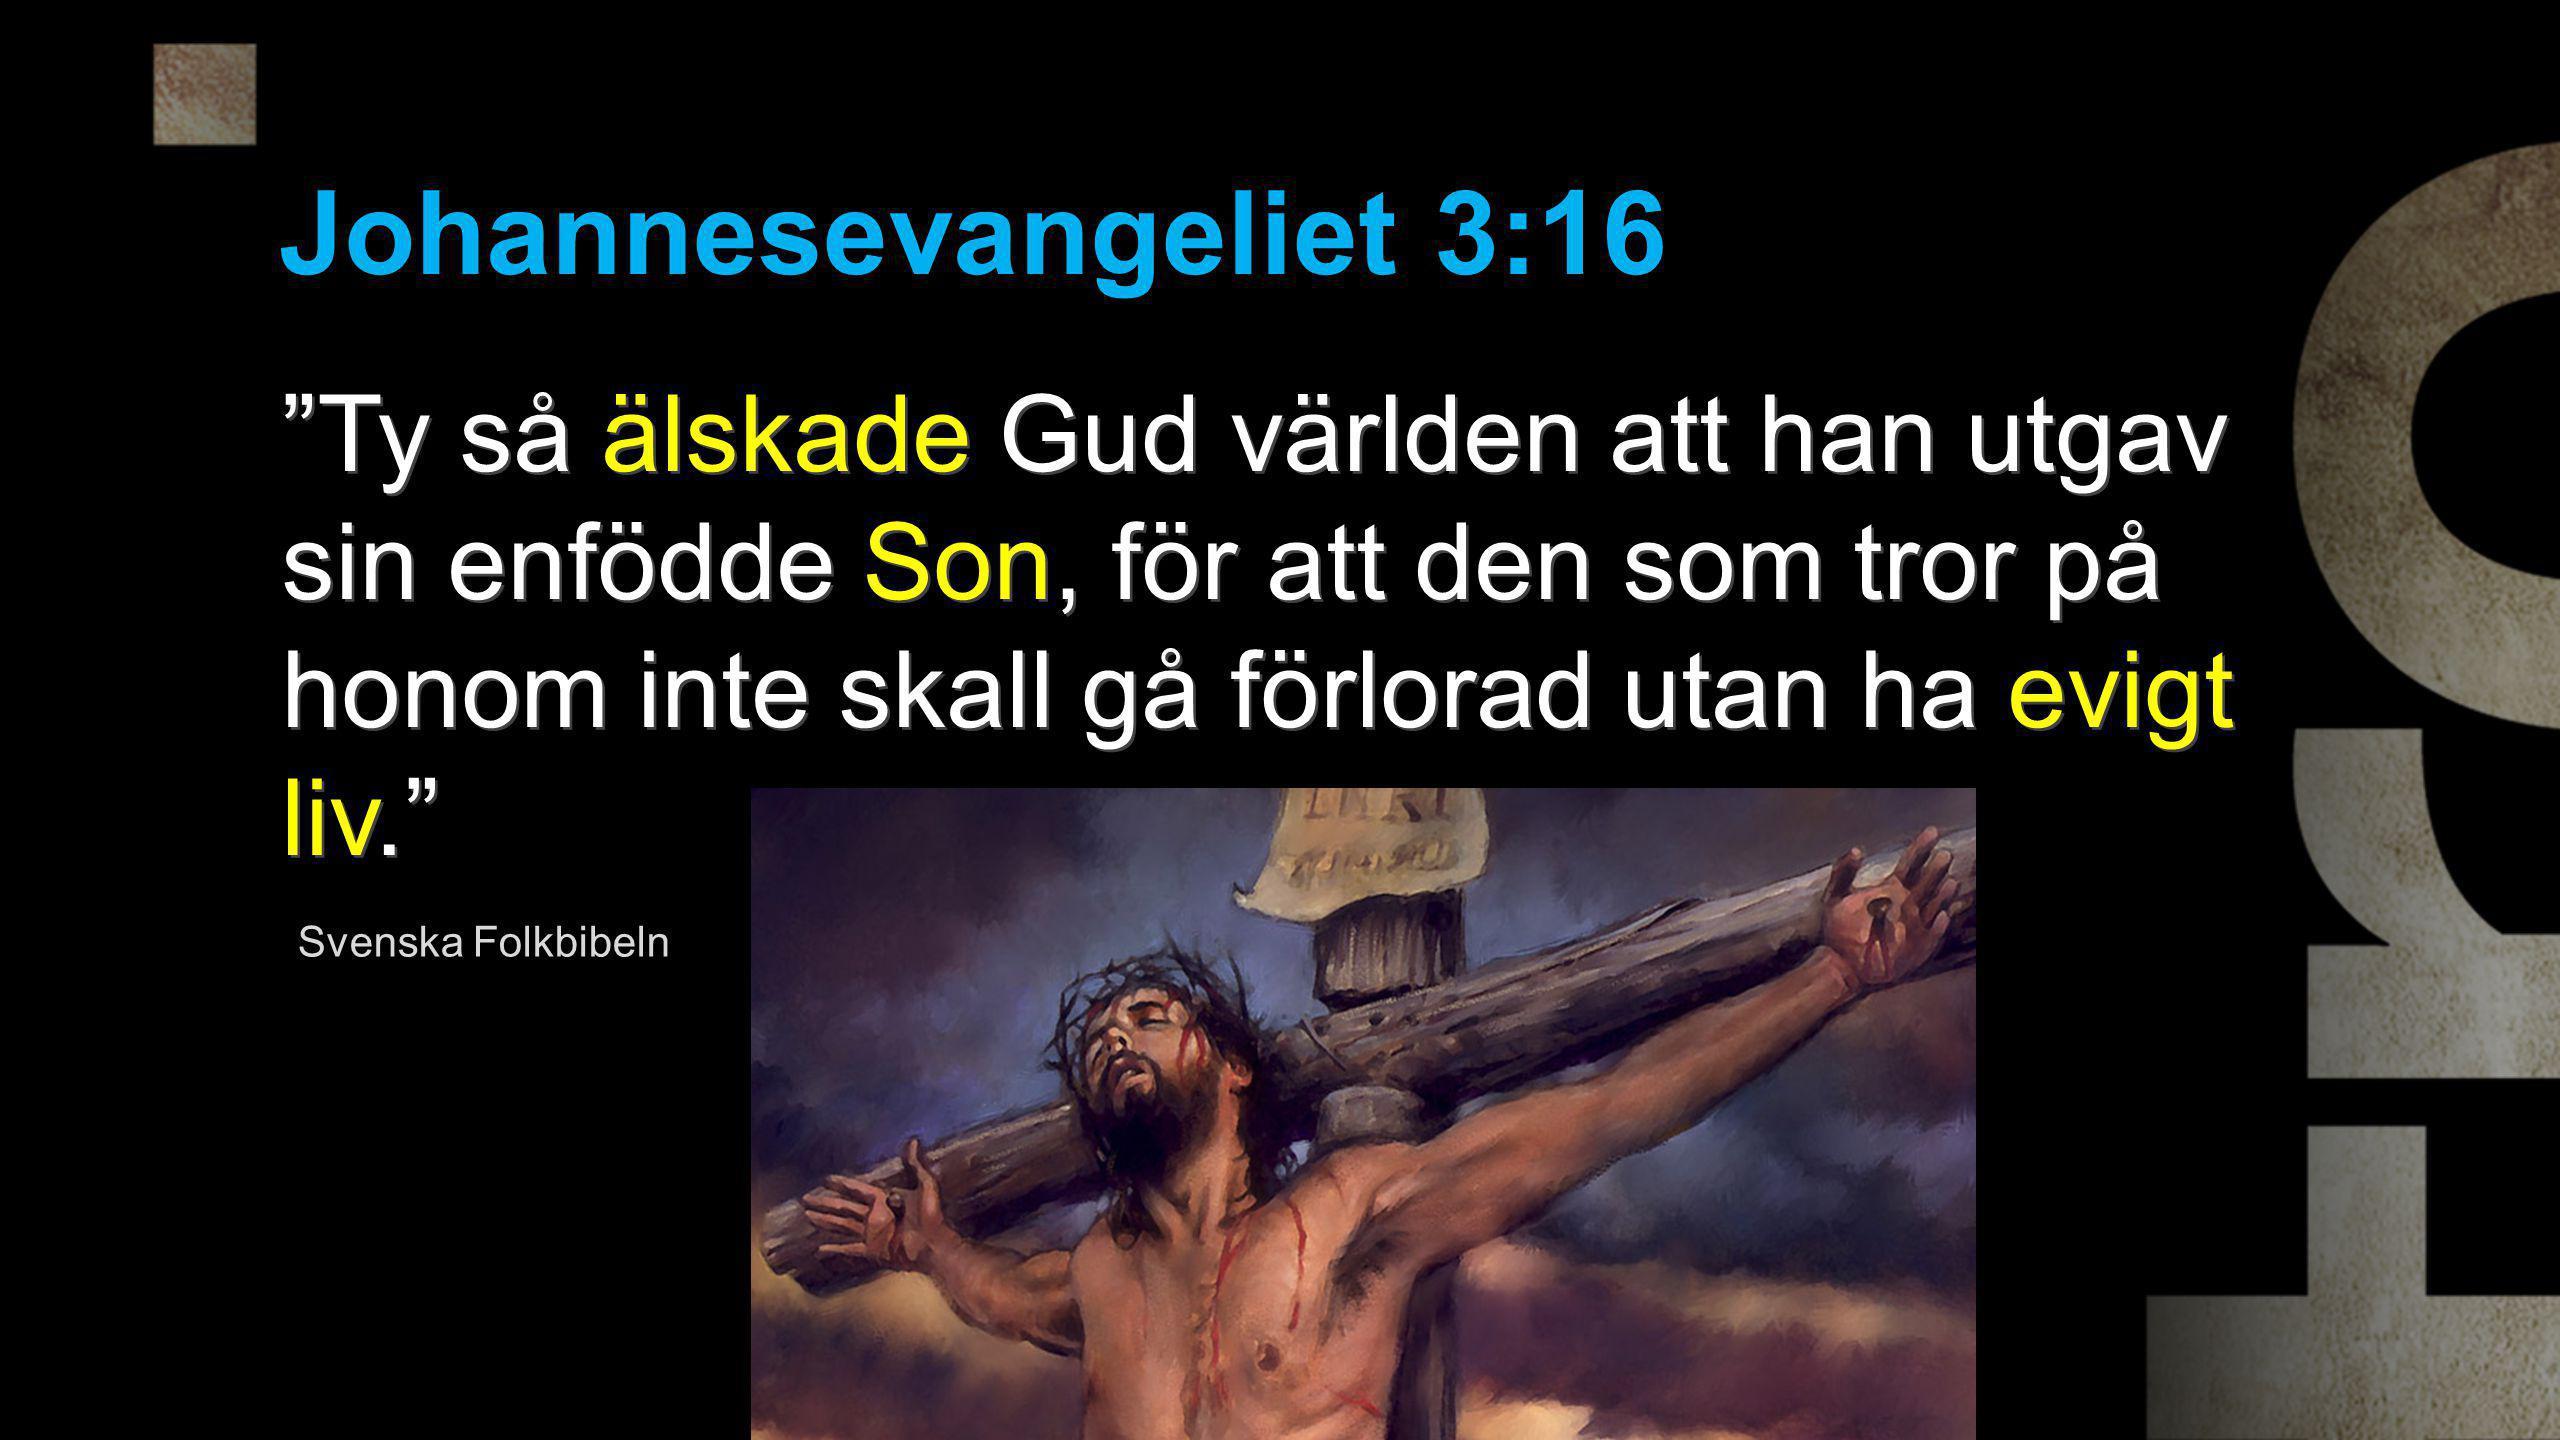 """Johannesevangeliet 3:16 """"Ty så älskade Gud världen att han utgav sin enfödde Son, för att den som tror på honom inte skall gå förlorad utan ha evigt l"""